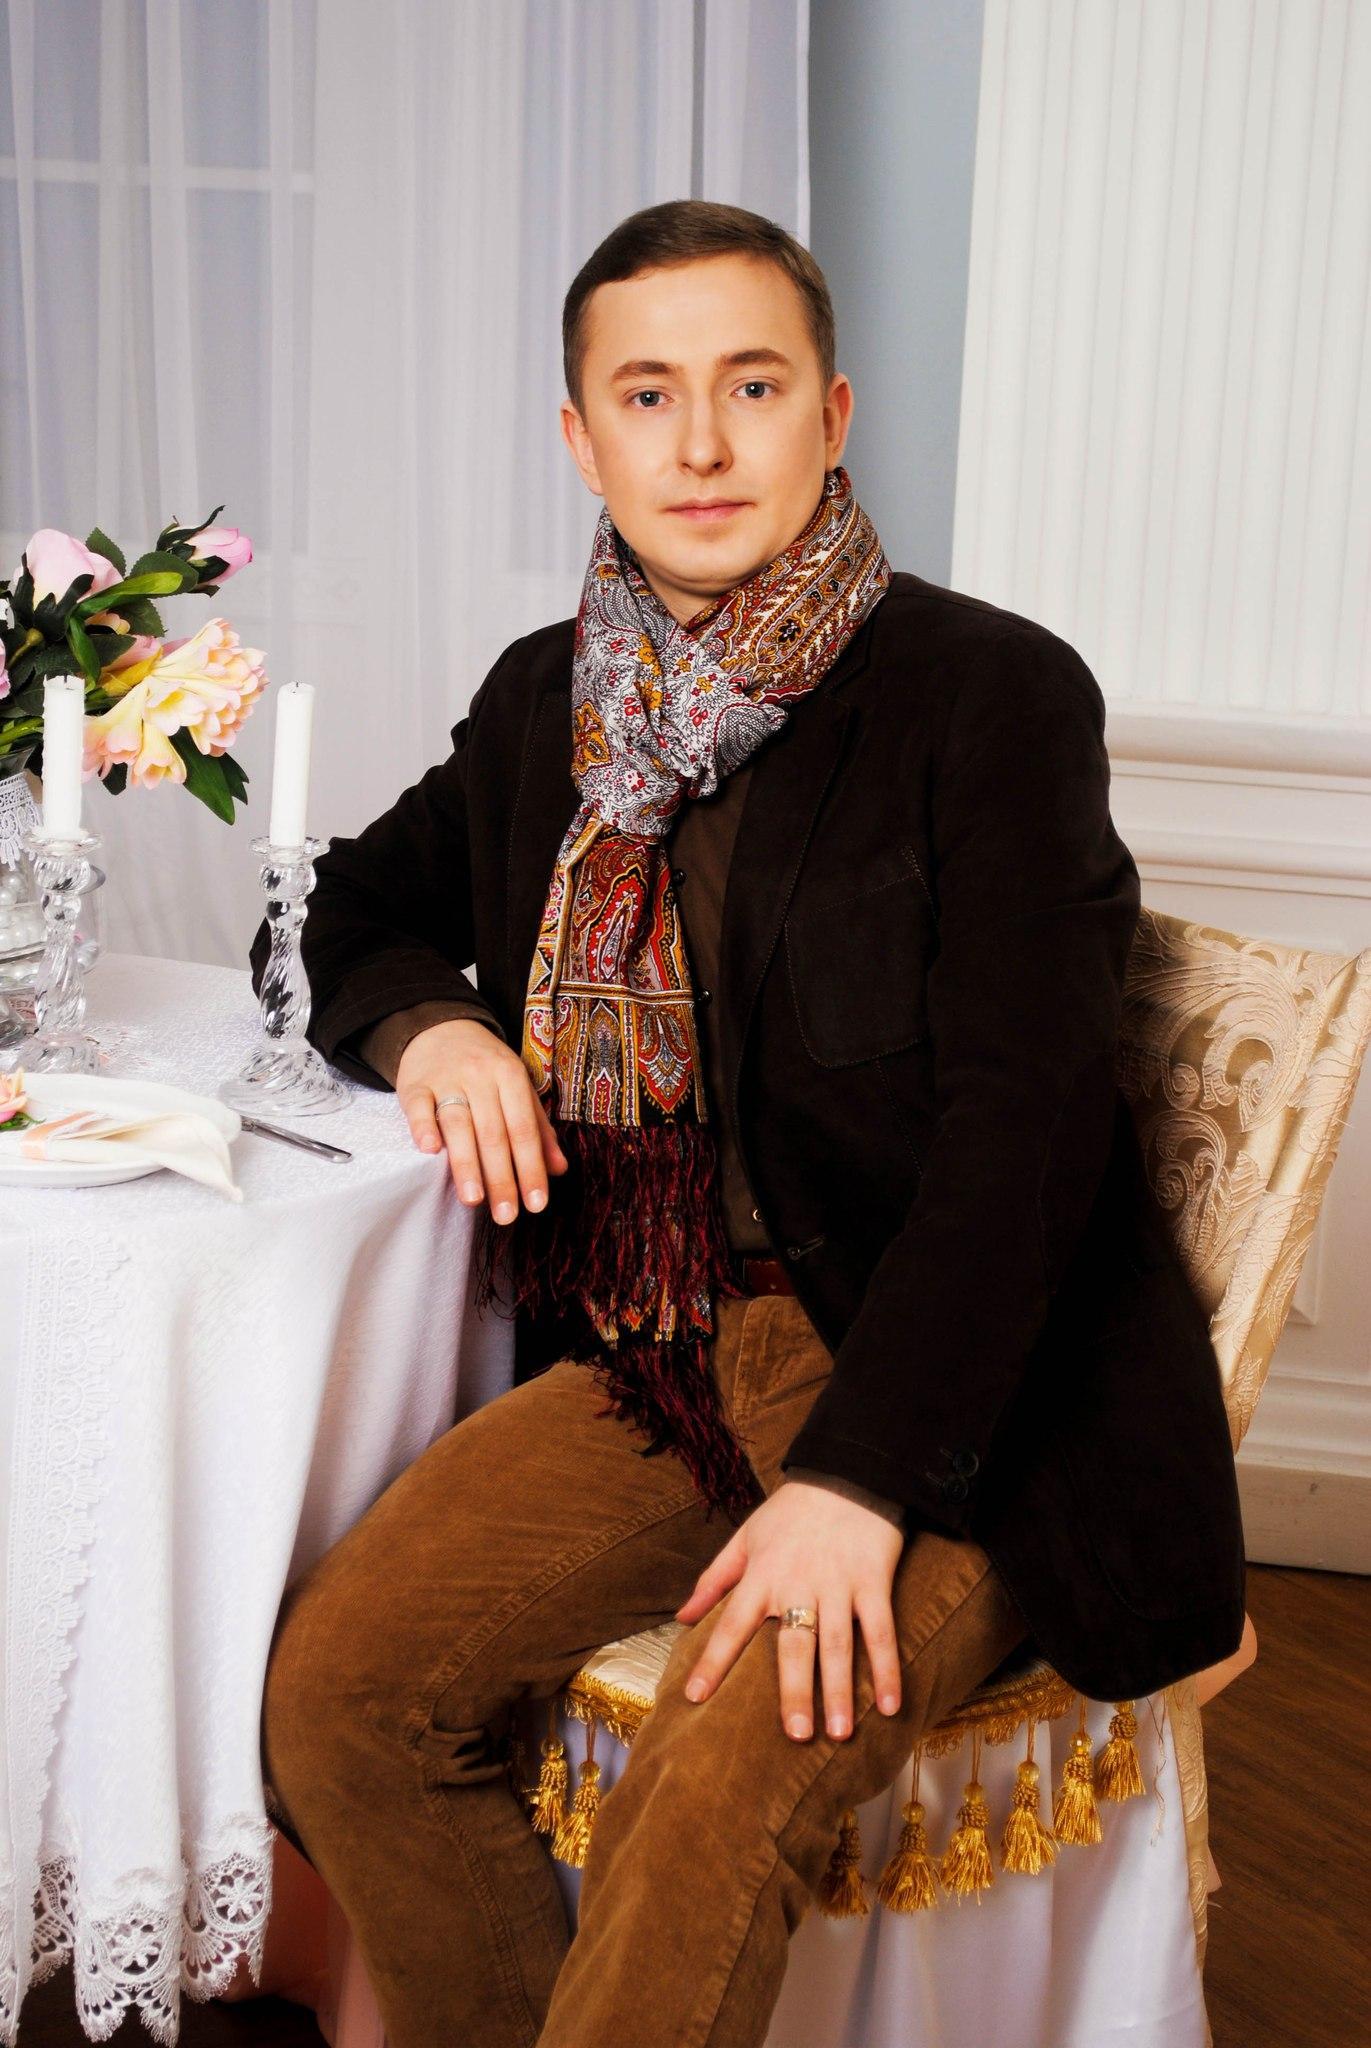 Alexey Biryukov